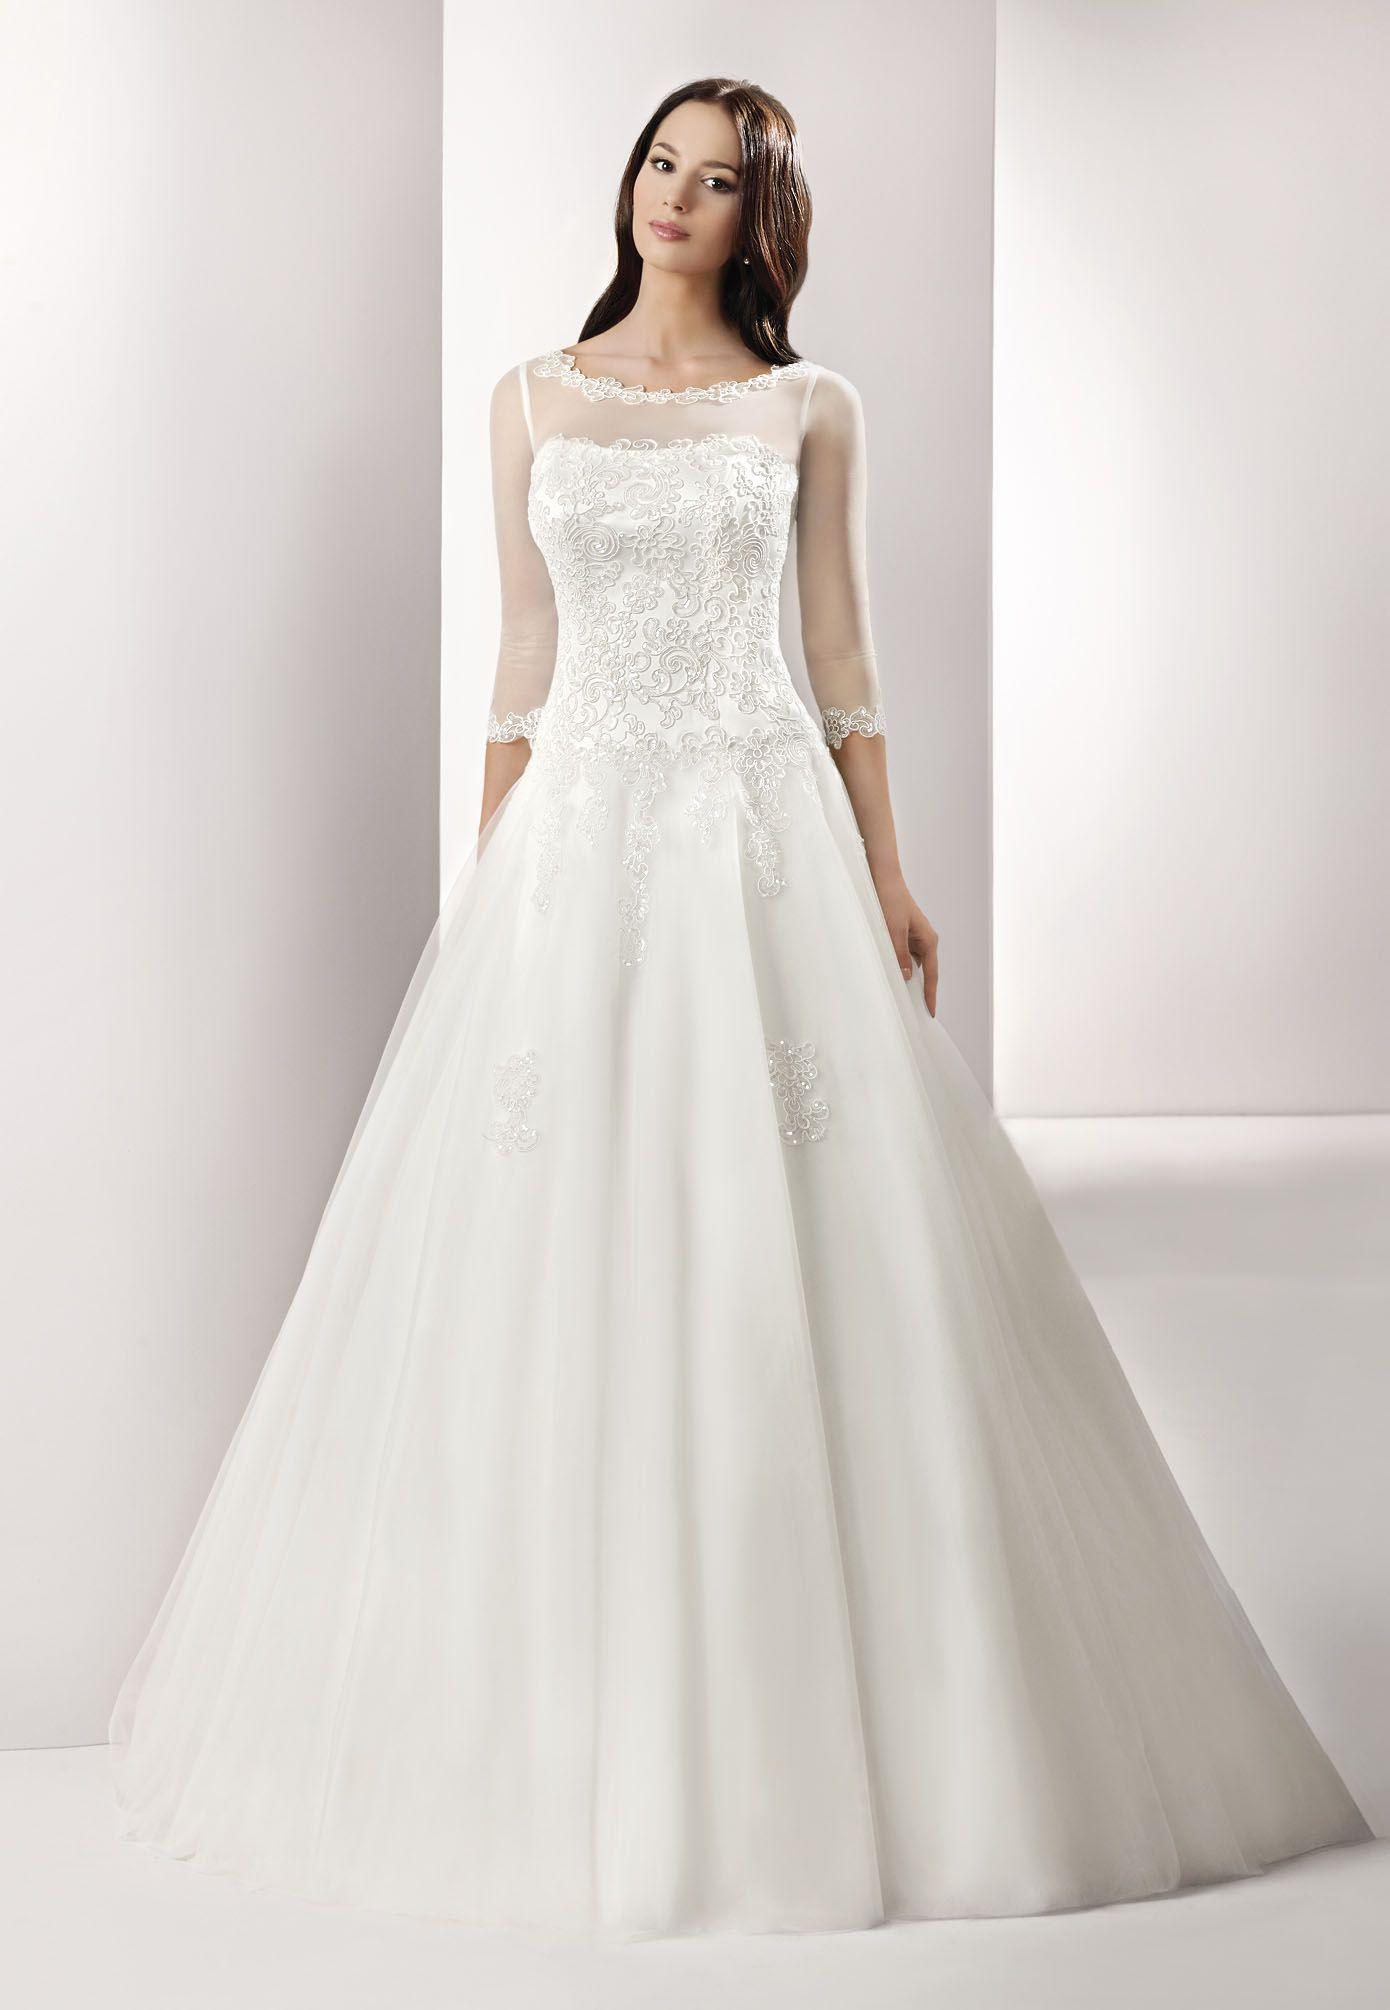 Brautkleid von Mode de Pol mit 3D-Spitze und Tüll-Ärmeln ...